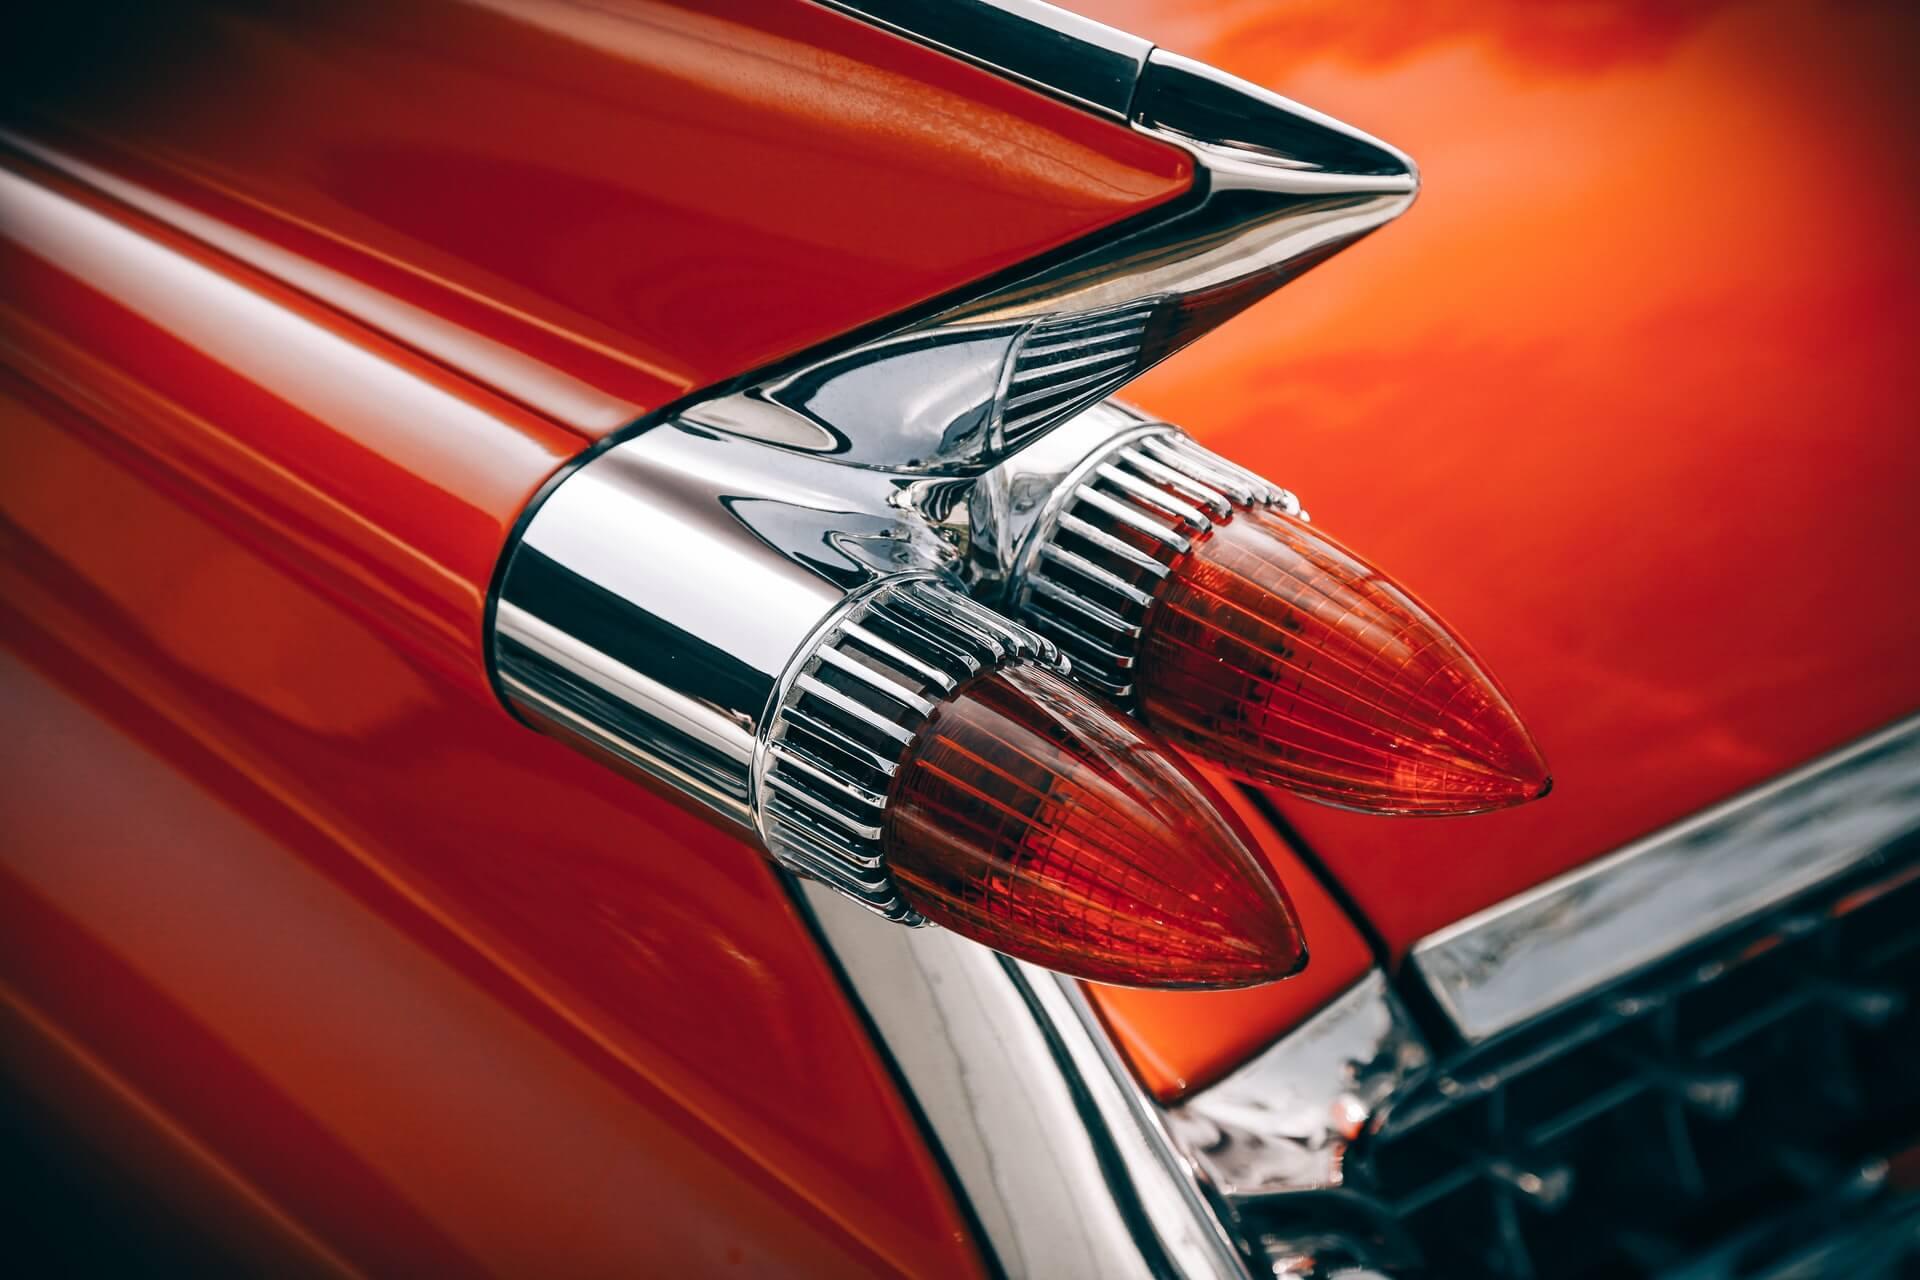 Best classic car auction sites